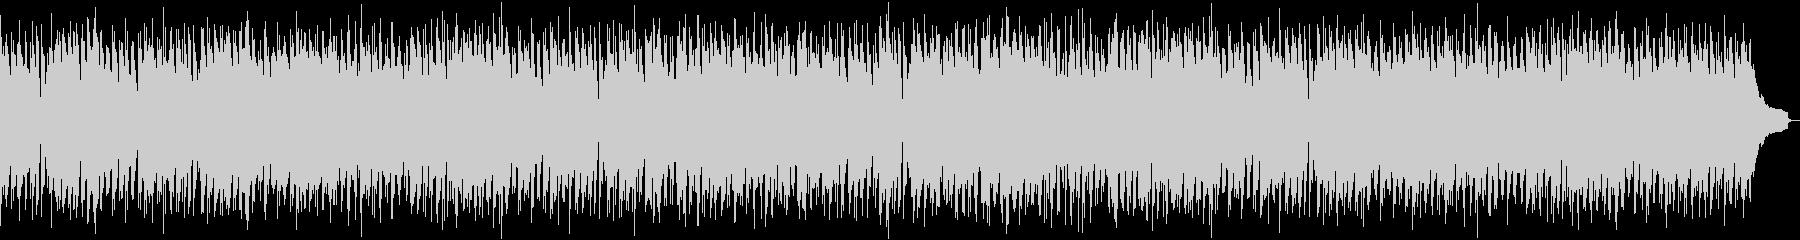 ボサノヴァ ジャズの未再生の波形